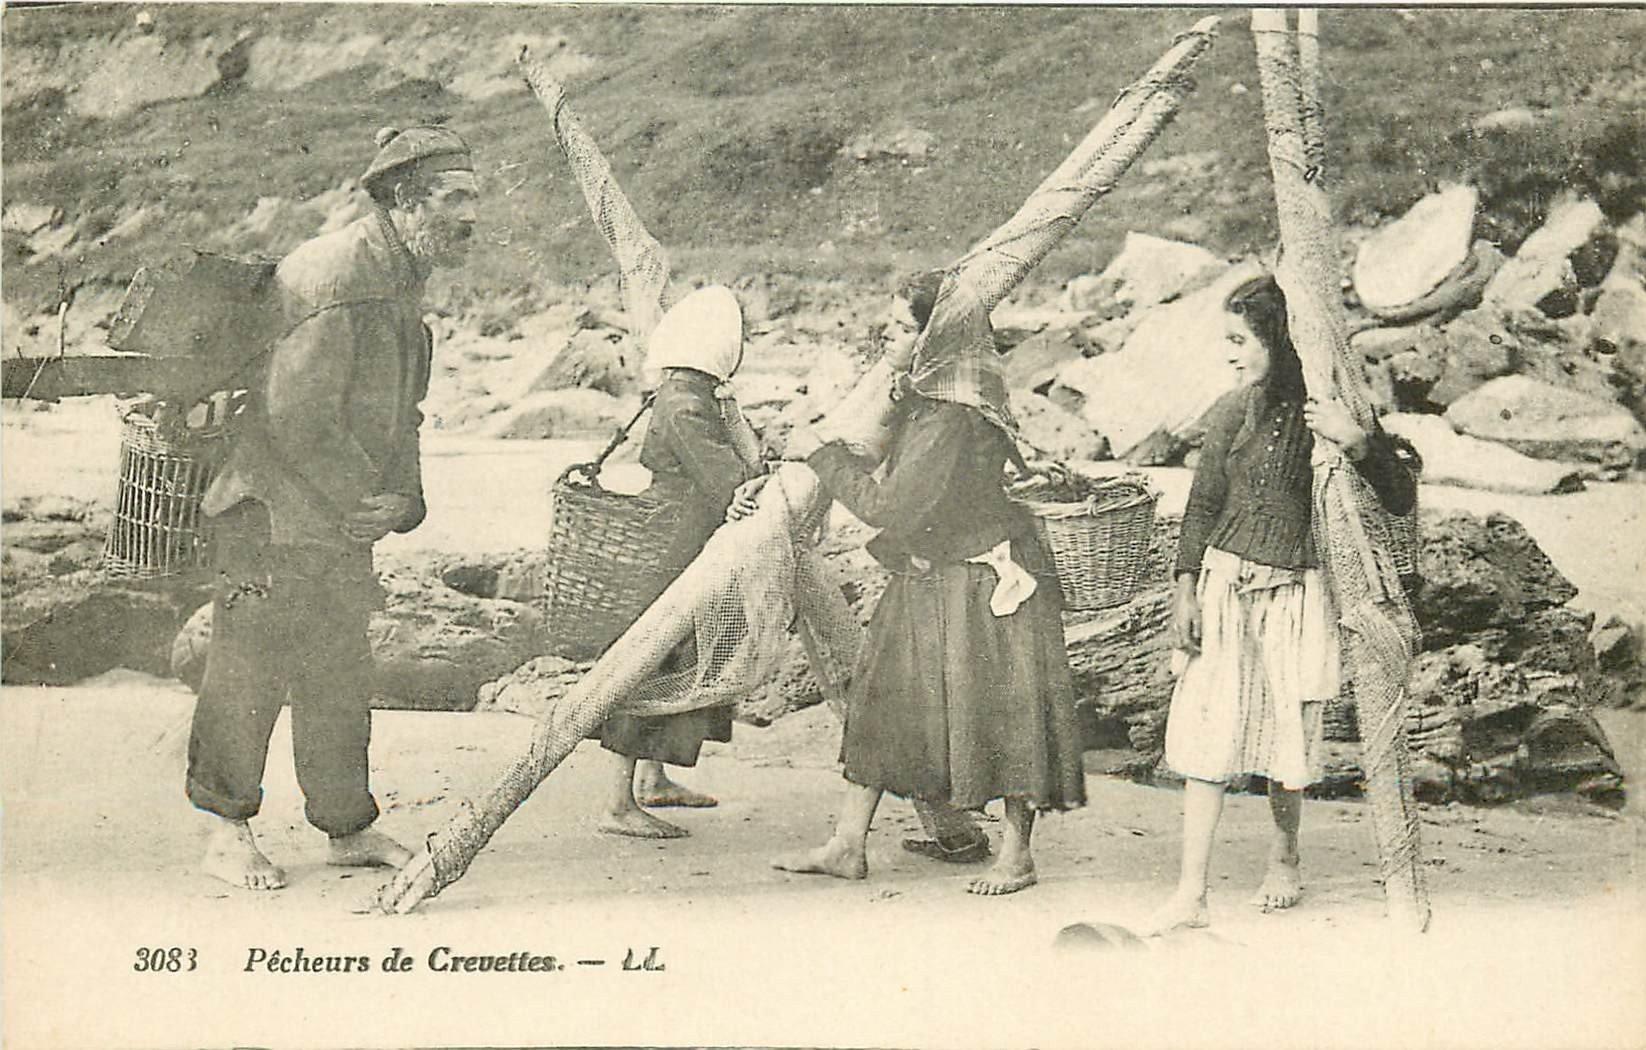 62 METIERS DE LA MER. Pêcheurs et Pêcheuse de Crevettes. Poissons et Crustacés